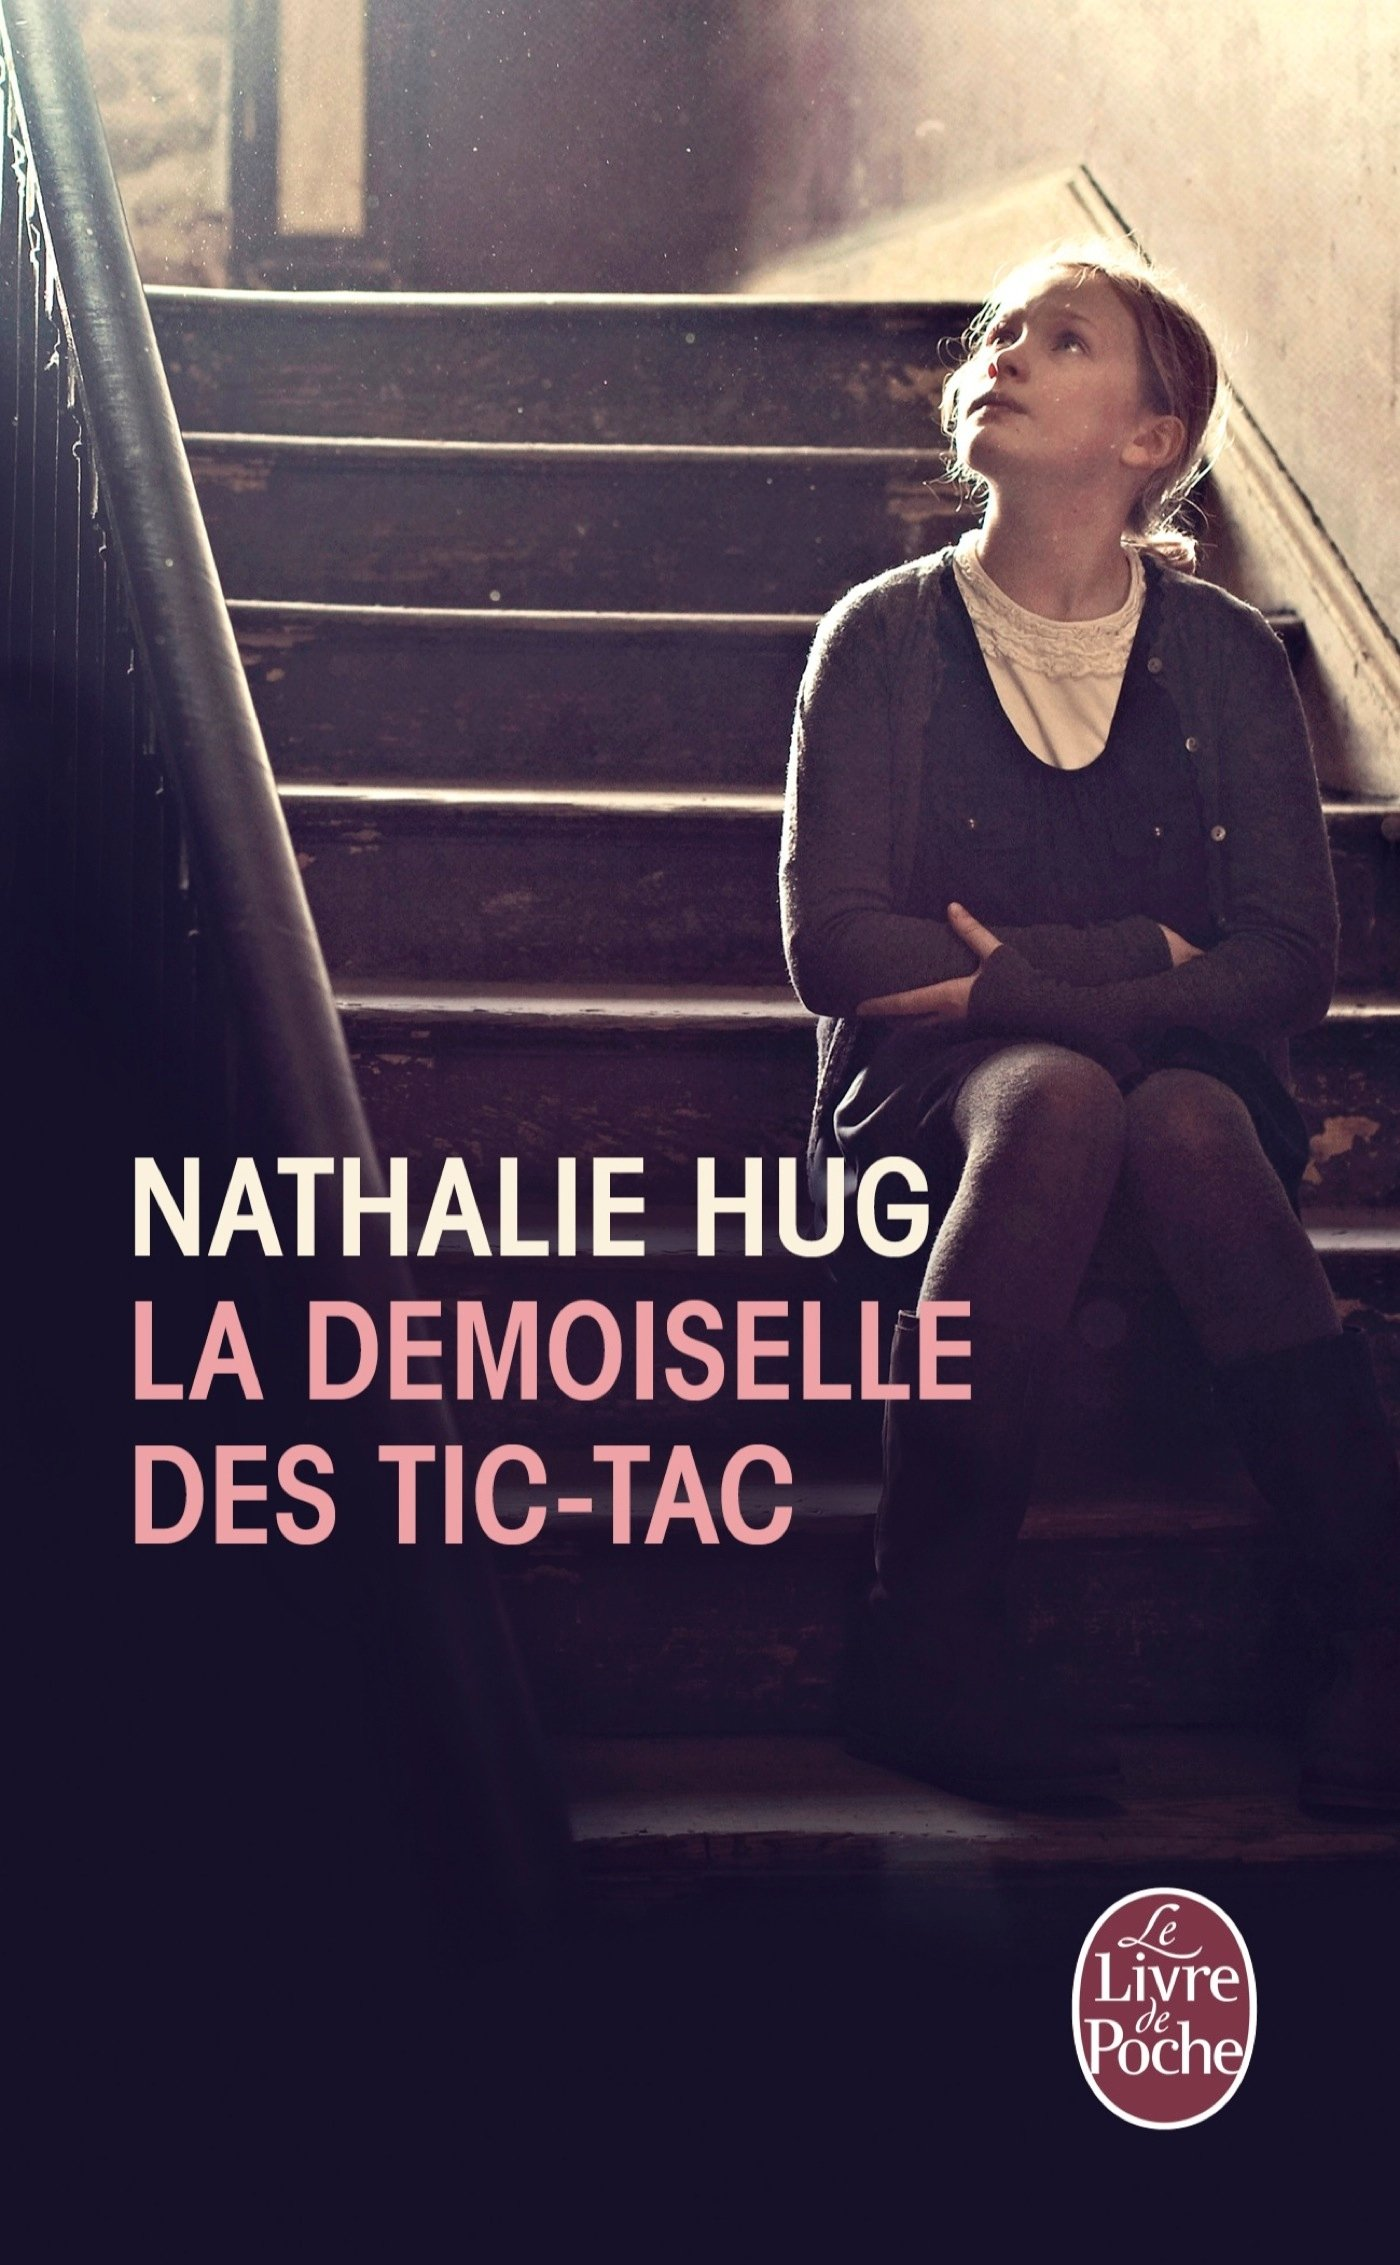 la_demoiselle_des_tic_tac